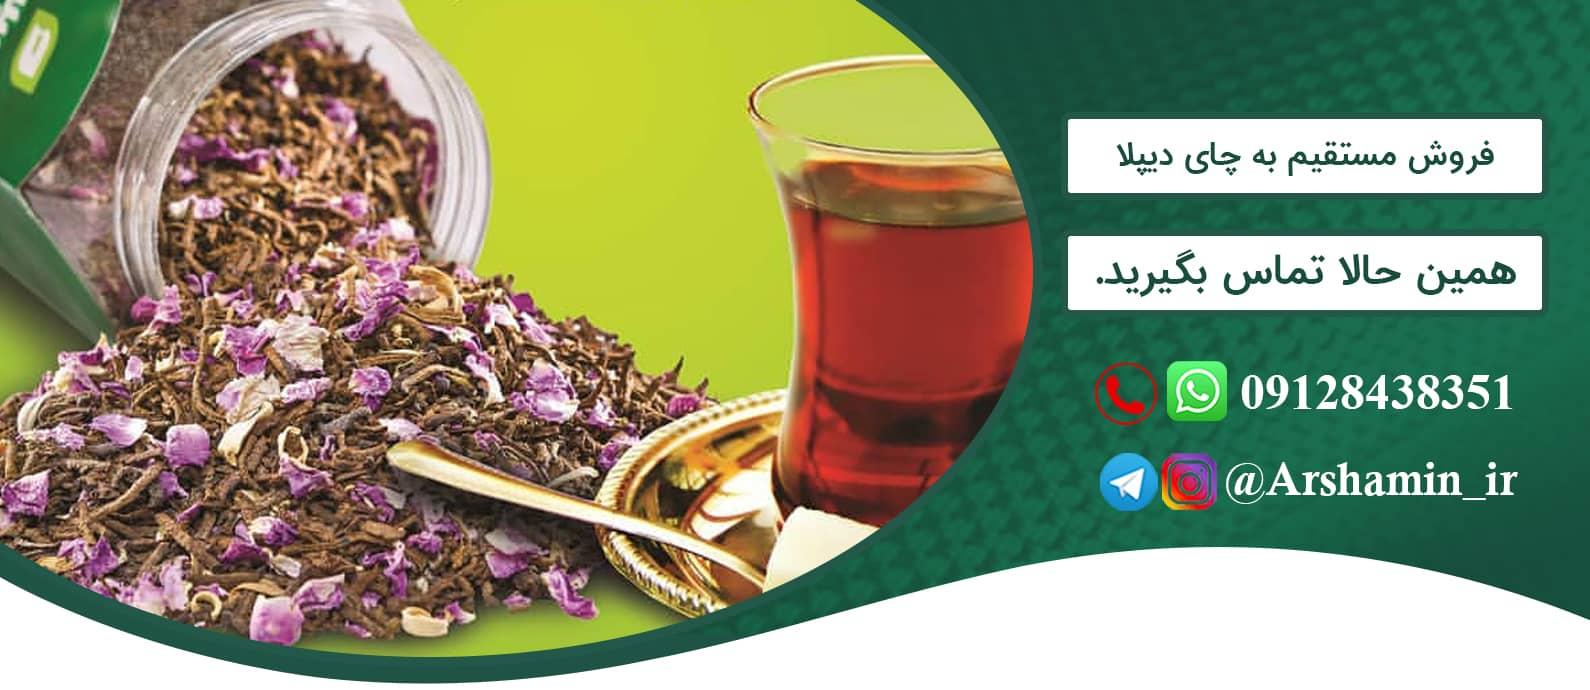 فروش مستقیم به چای دیپلا